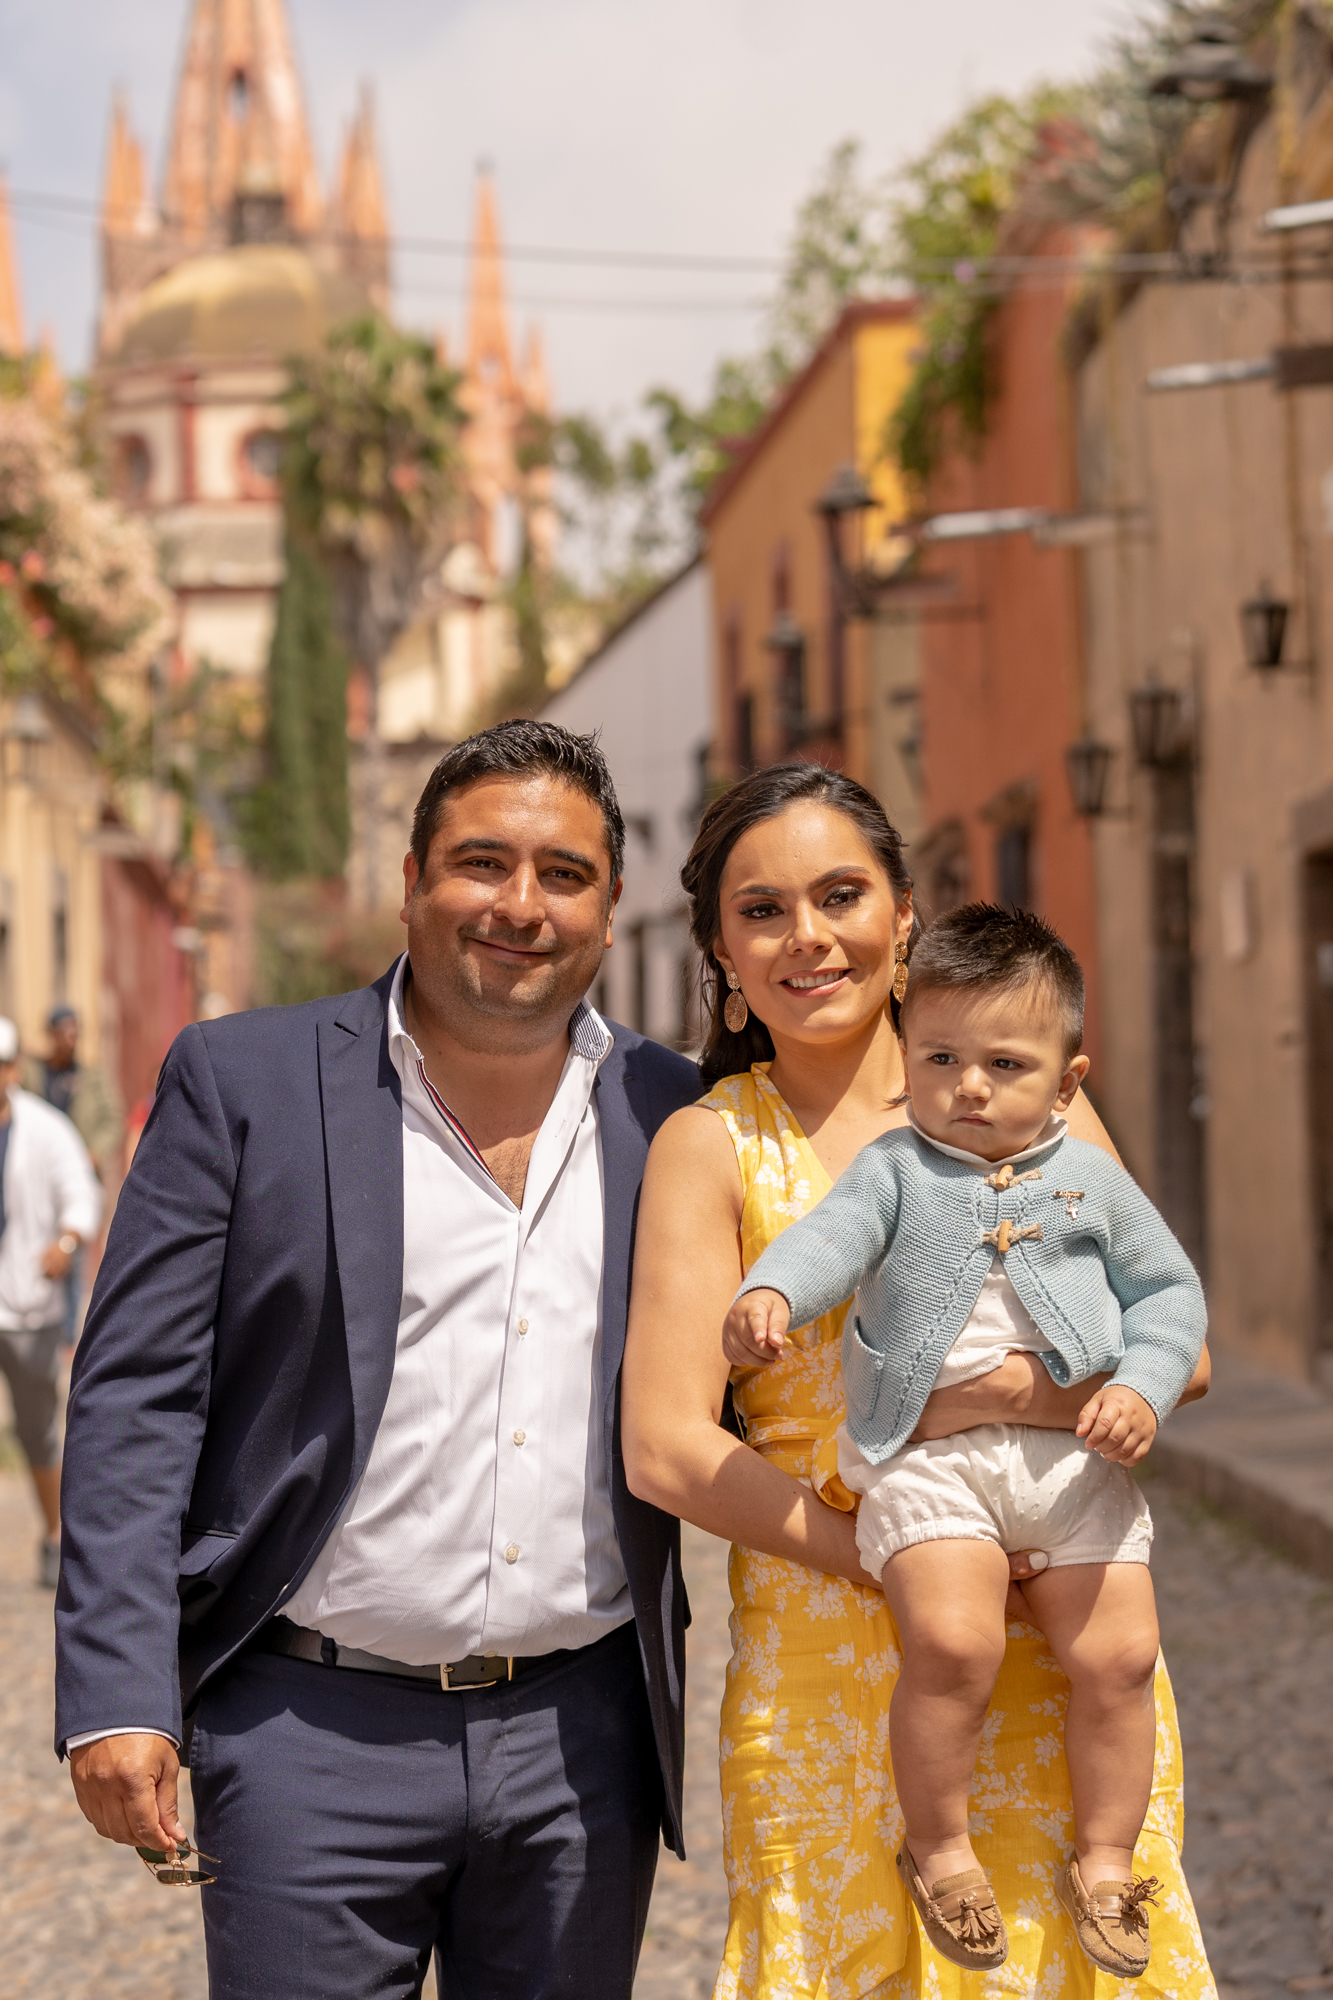 Sesion de Fotos en Rosewood San Migue de Allende del Bautizo de Alfonso-32.jpg